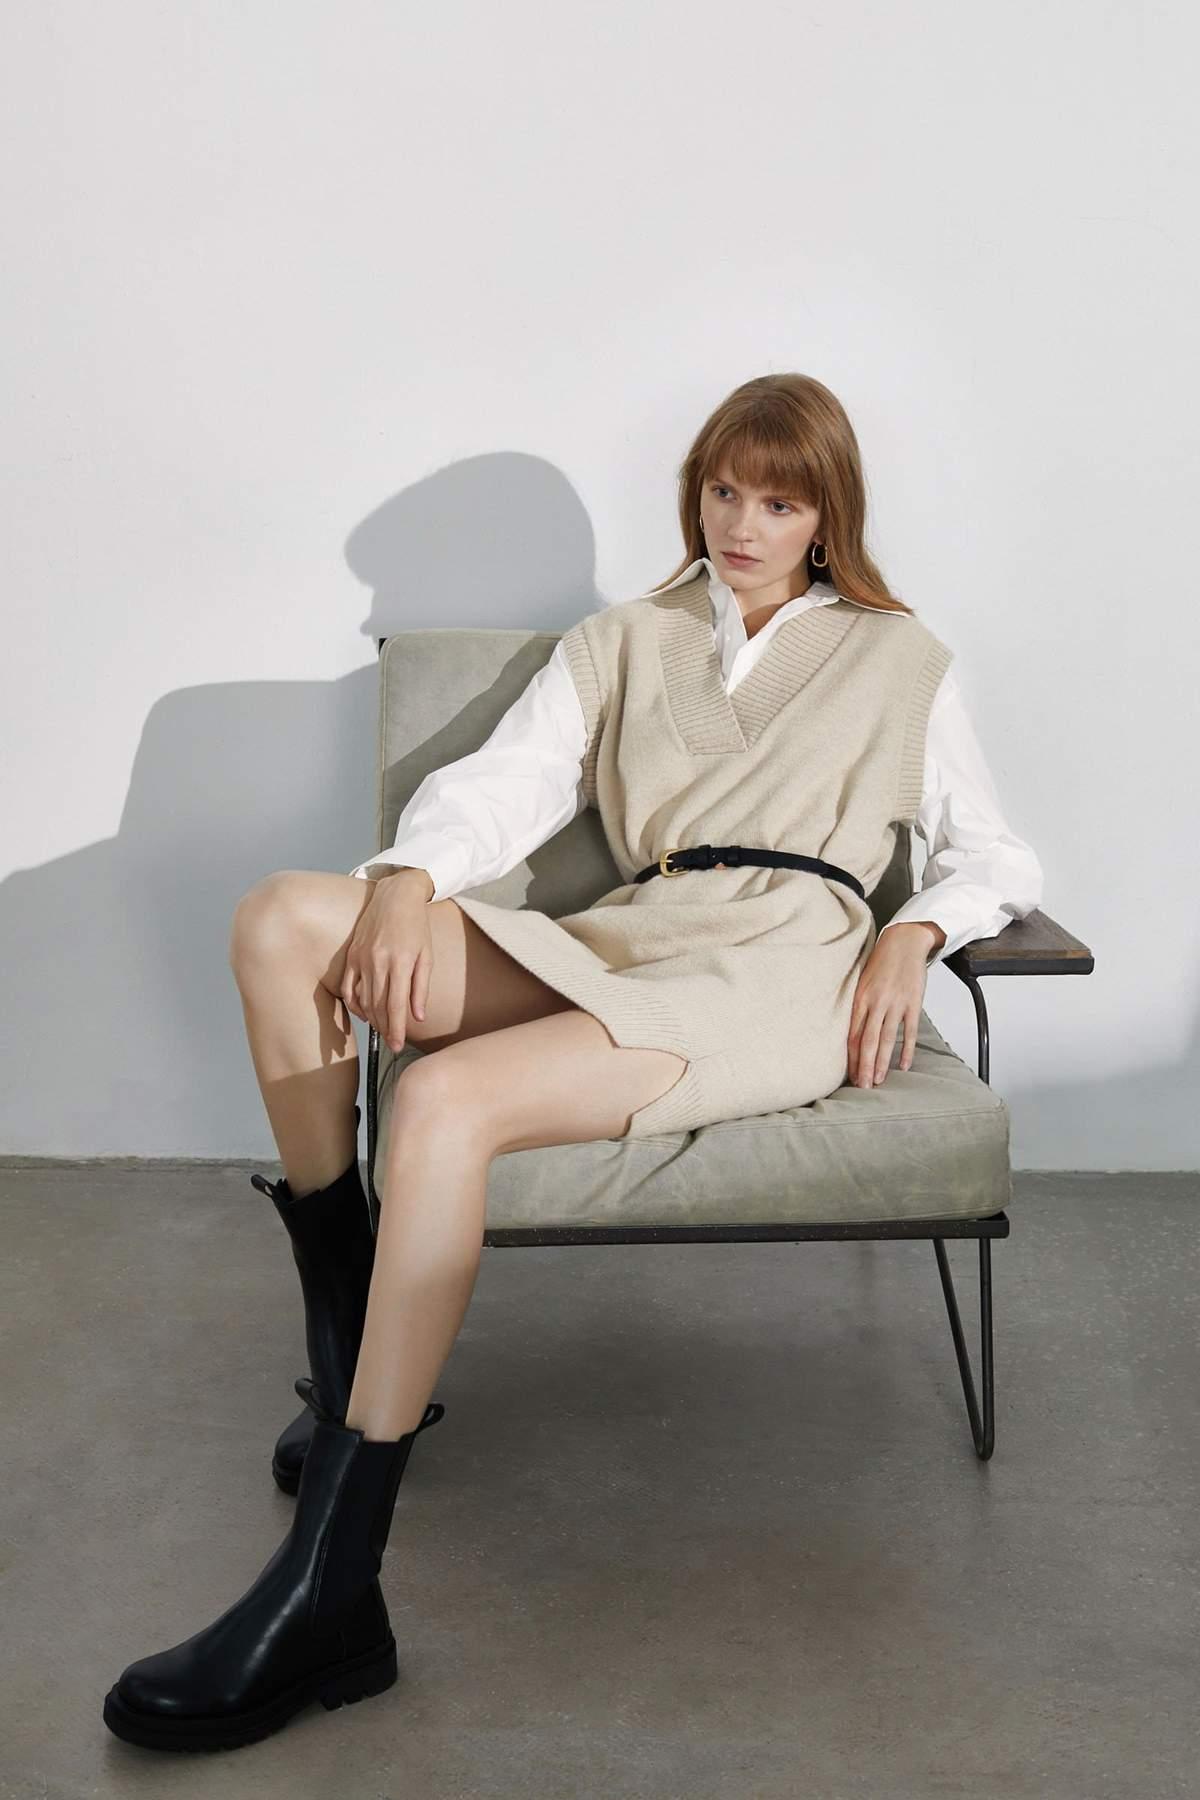 Essential Khaki Knit Vest $29.99